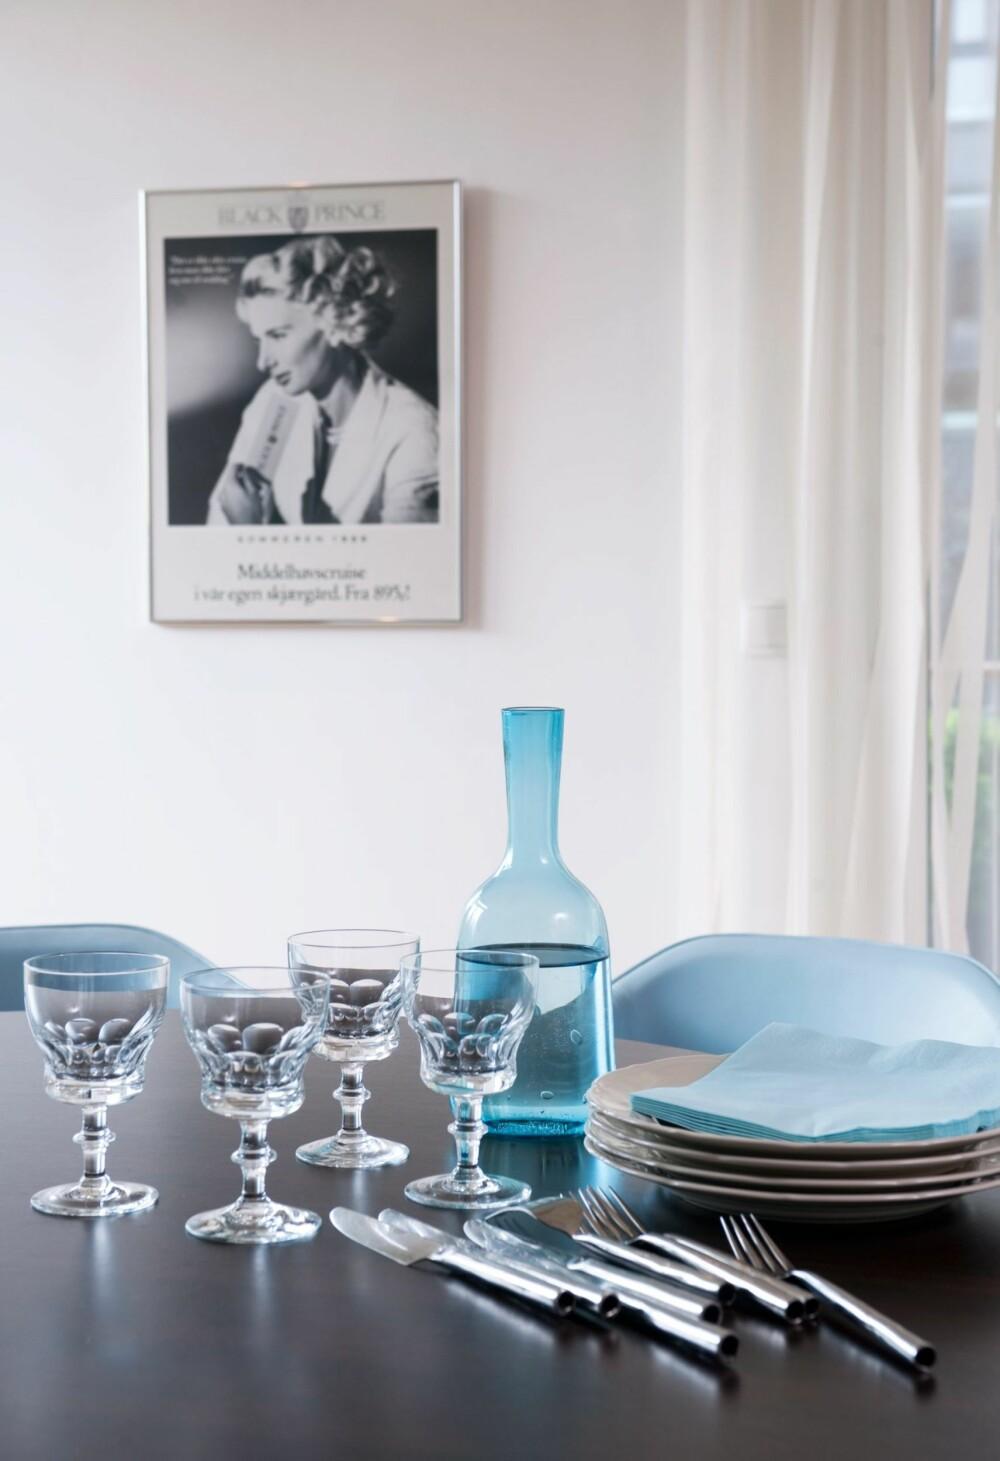 PERSONLIG BORDDEKNING: Uten gjenstander med historie er det vanskelig å skape et personlig hjem. Glass og servise har gått i arv i familien. Kvinneportrettet på veggen viser Hege som modell i en reklamekampanje. De luftige gardinene er fra Kvint Interiør.